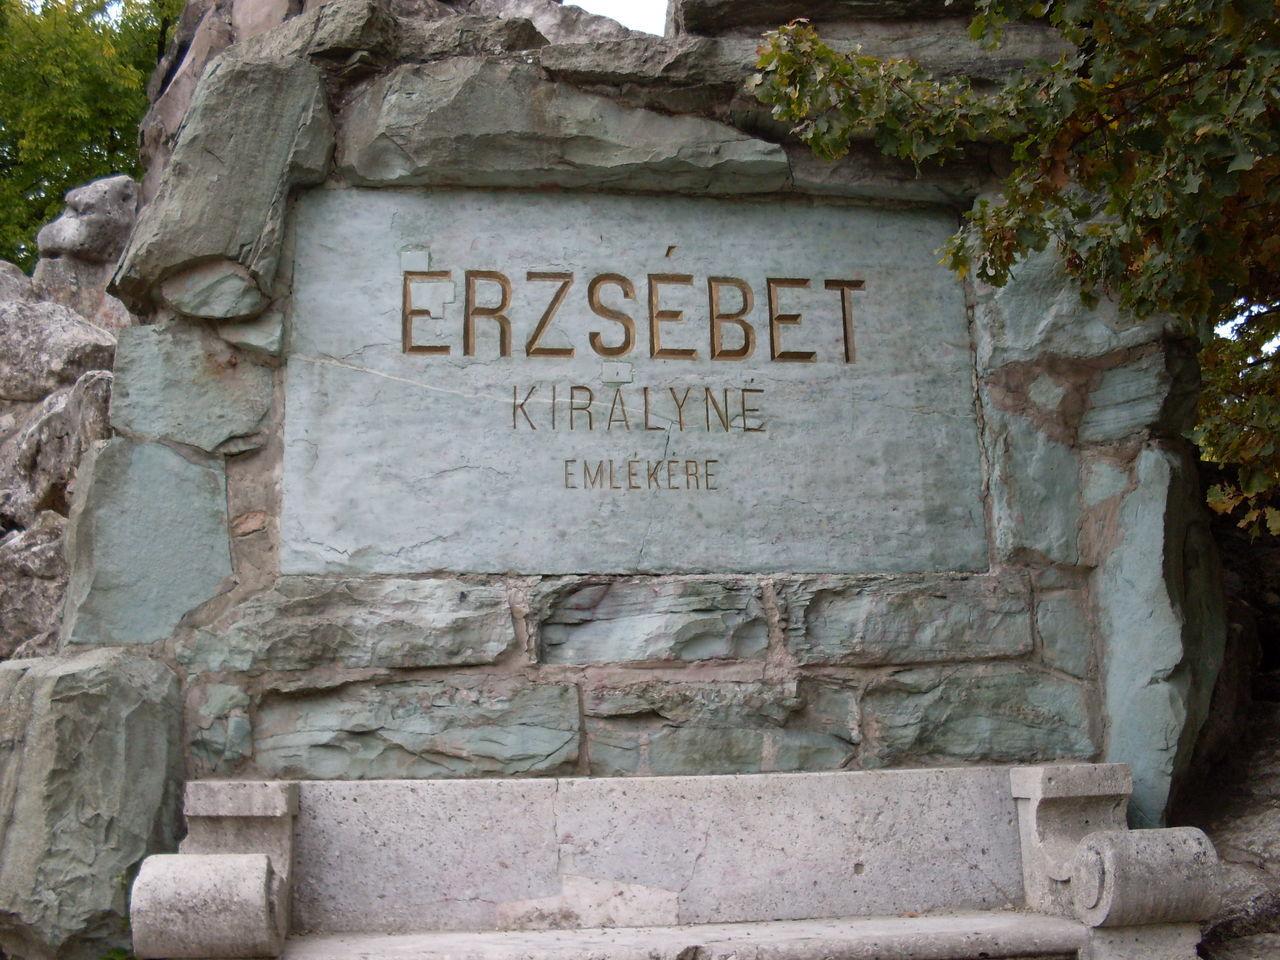 Monument Sculpture Autumn Gödöllő, Hungary Erzsébet Királyné Sissy!!